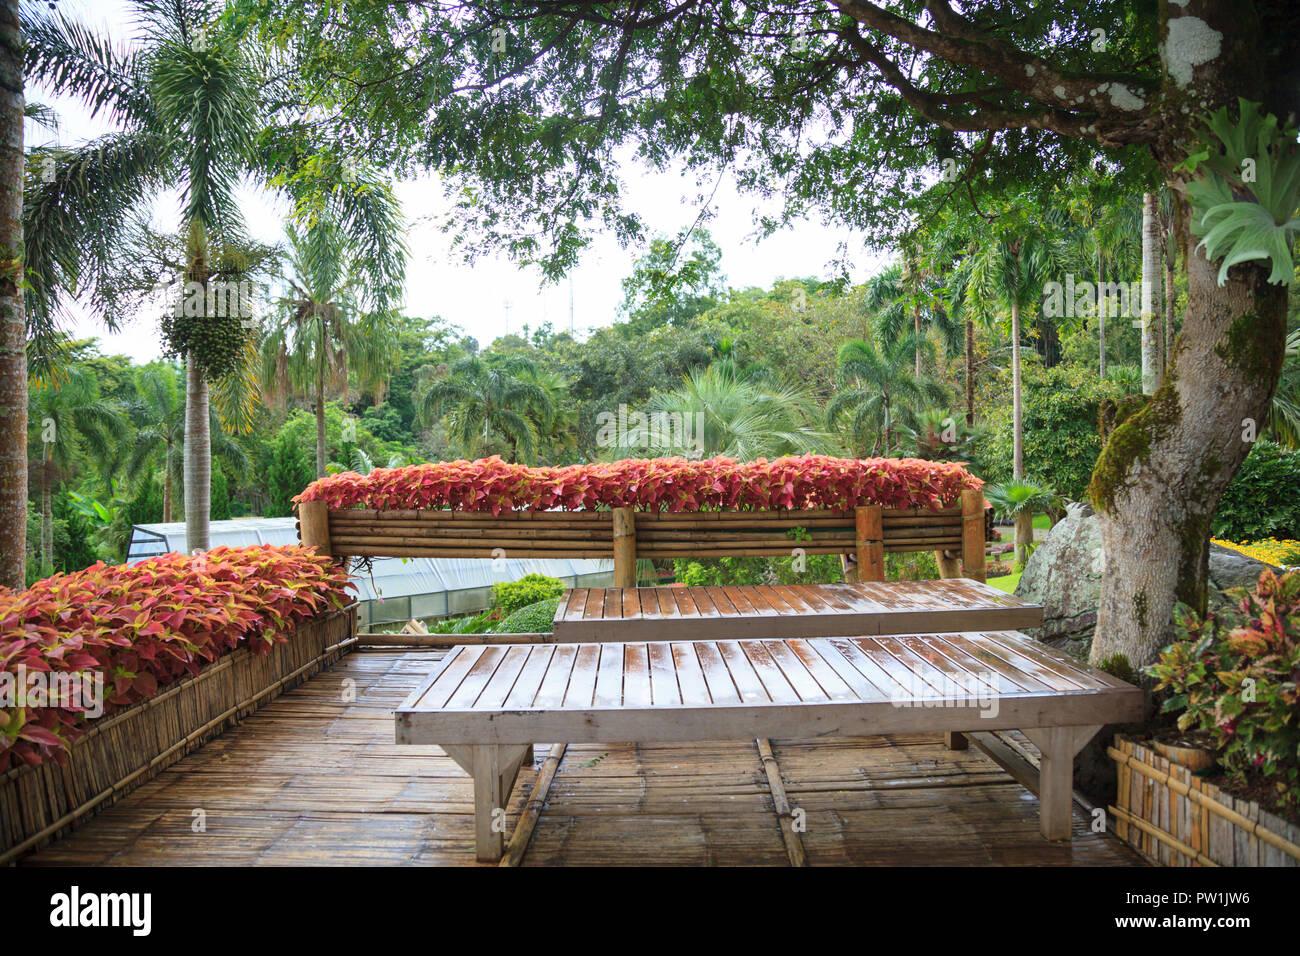 Tropischen Landlichen Haus Garten Bambus Holz Auf Balkon Und